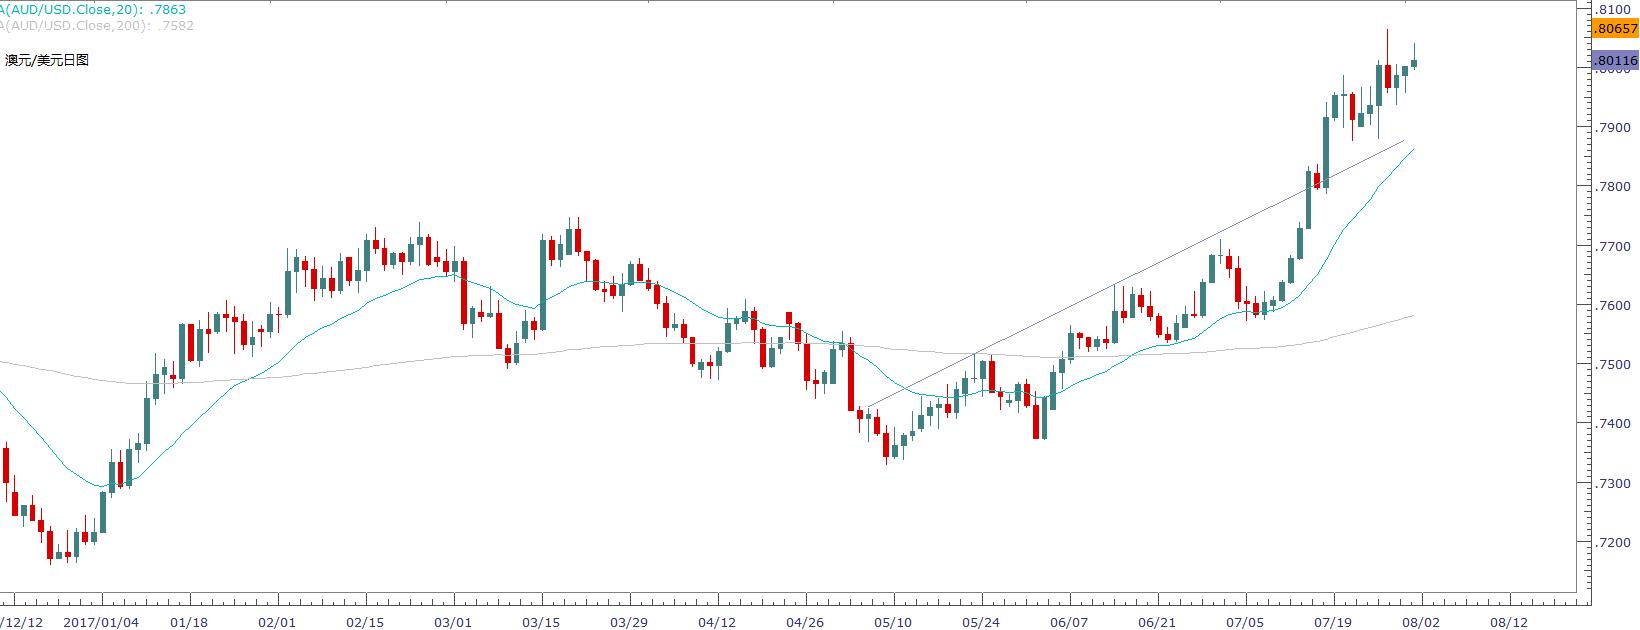 澳元摆脱澳储行利空说辞,欧元区二季度GDP料加速